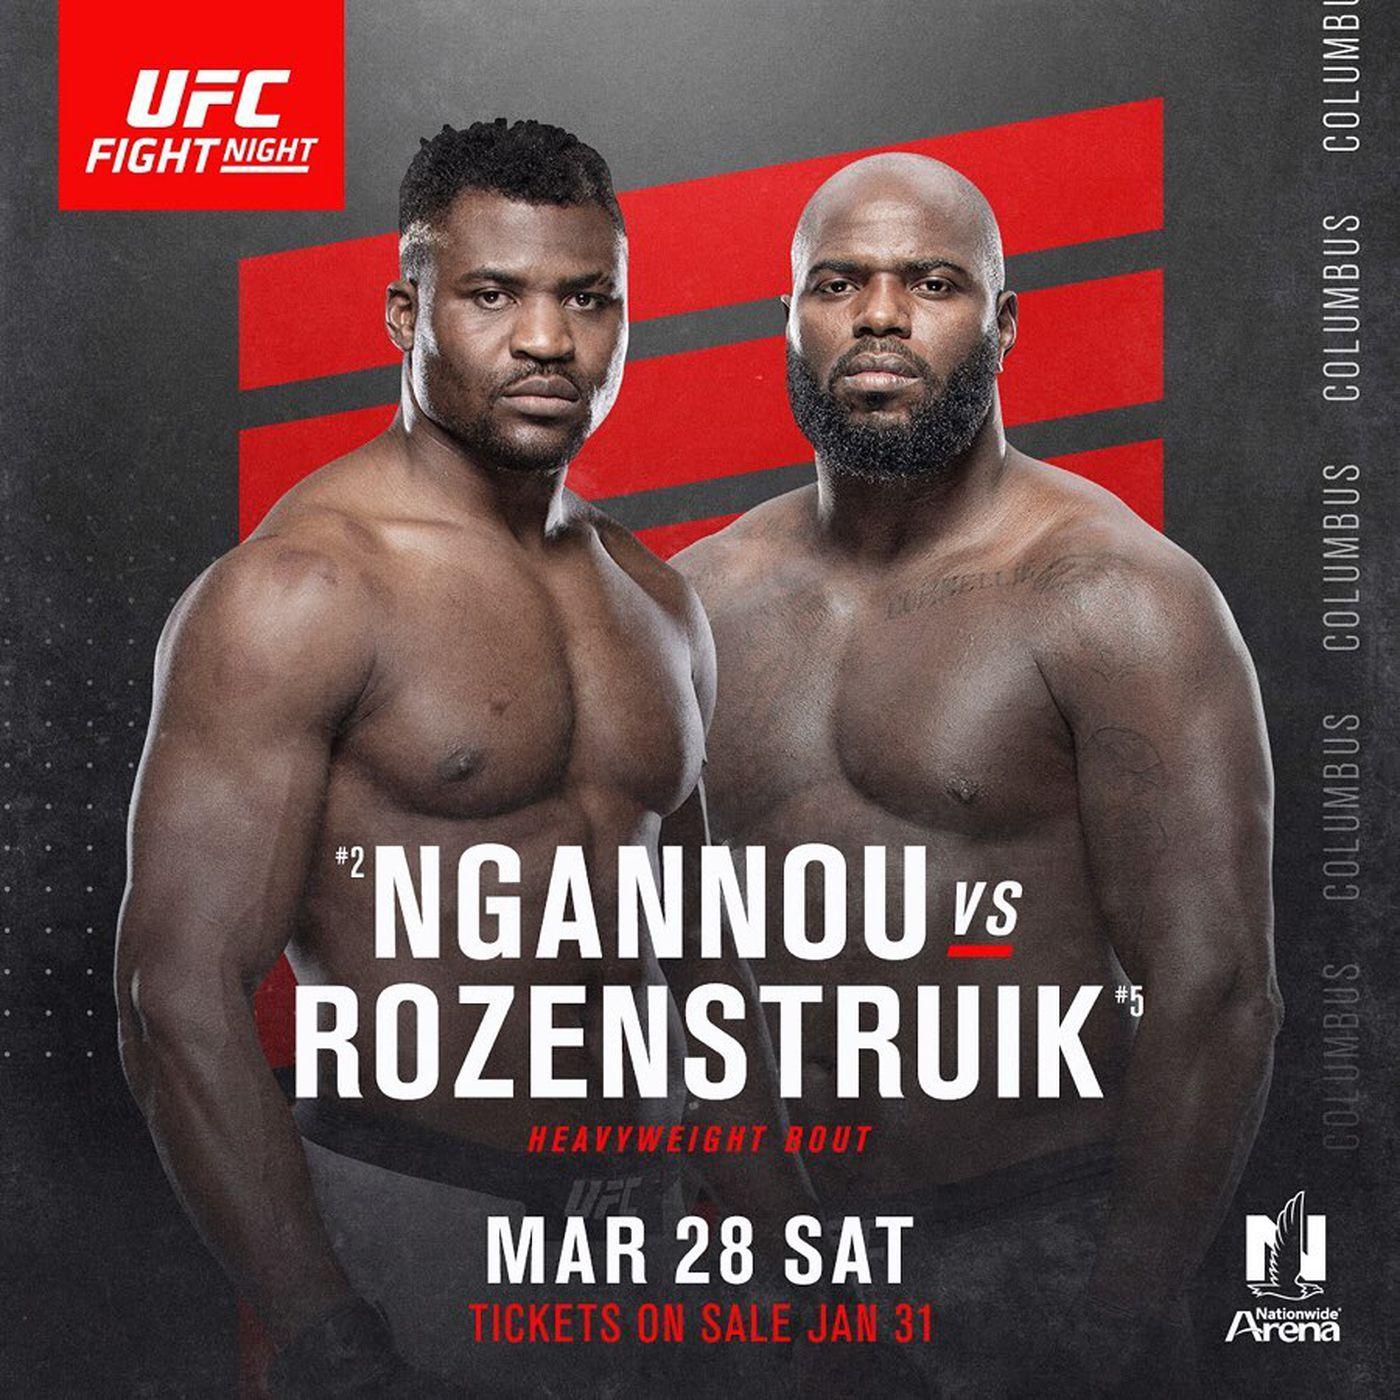 UFC on ESPN 8: Колумбус